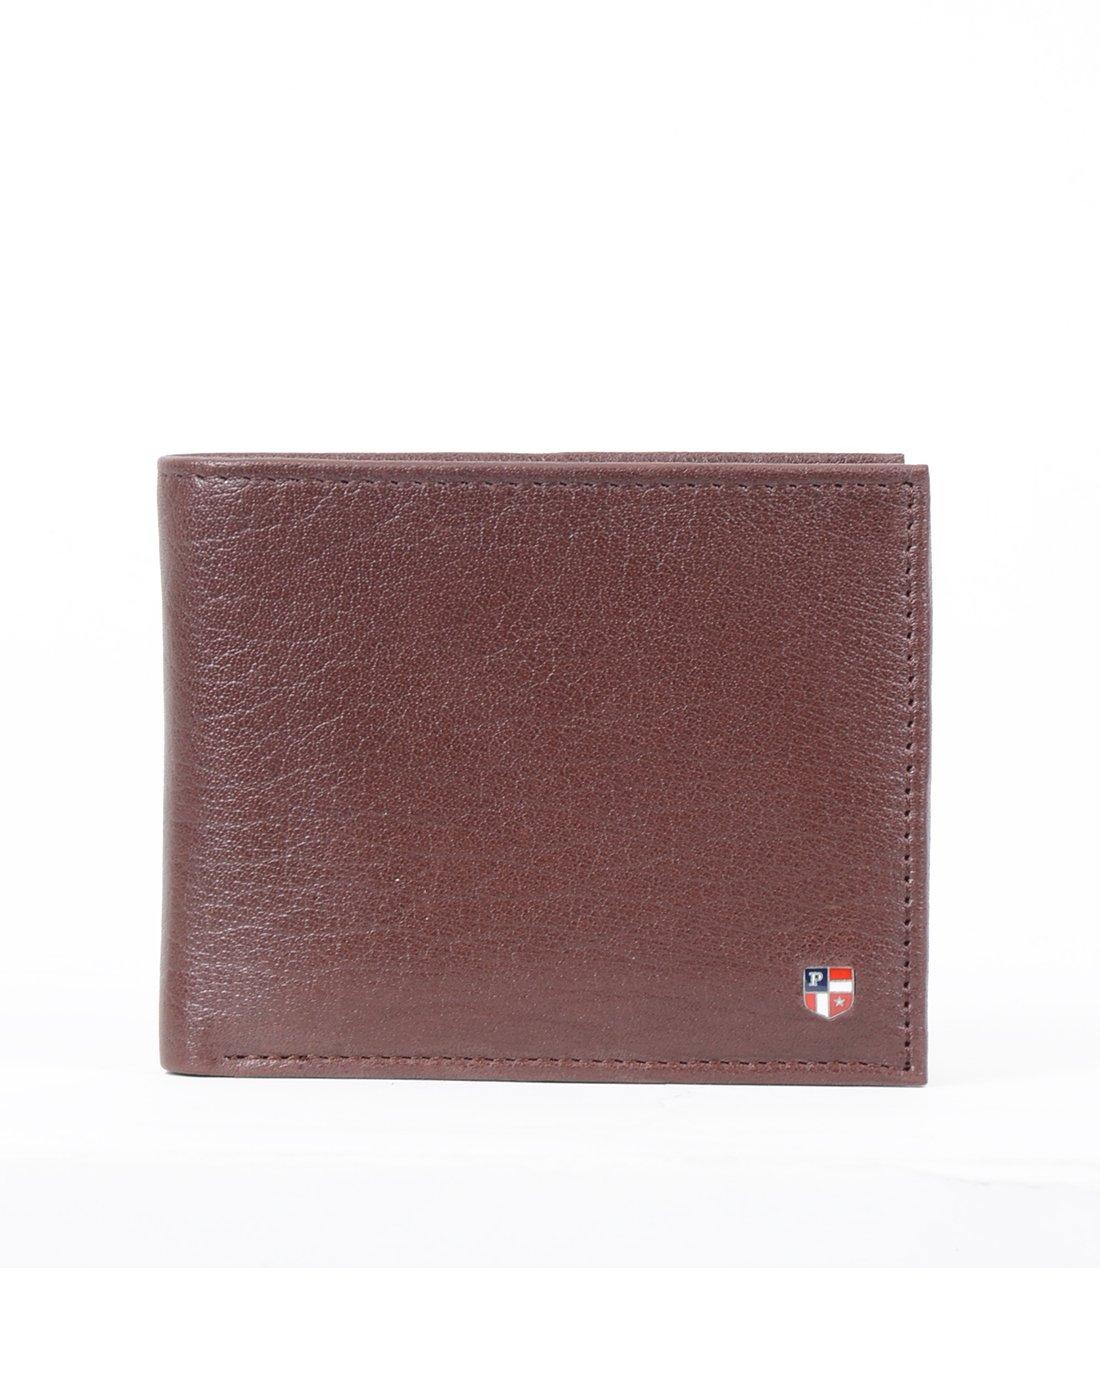 U.S. Polo Assn. Men Wallet